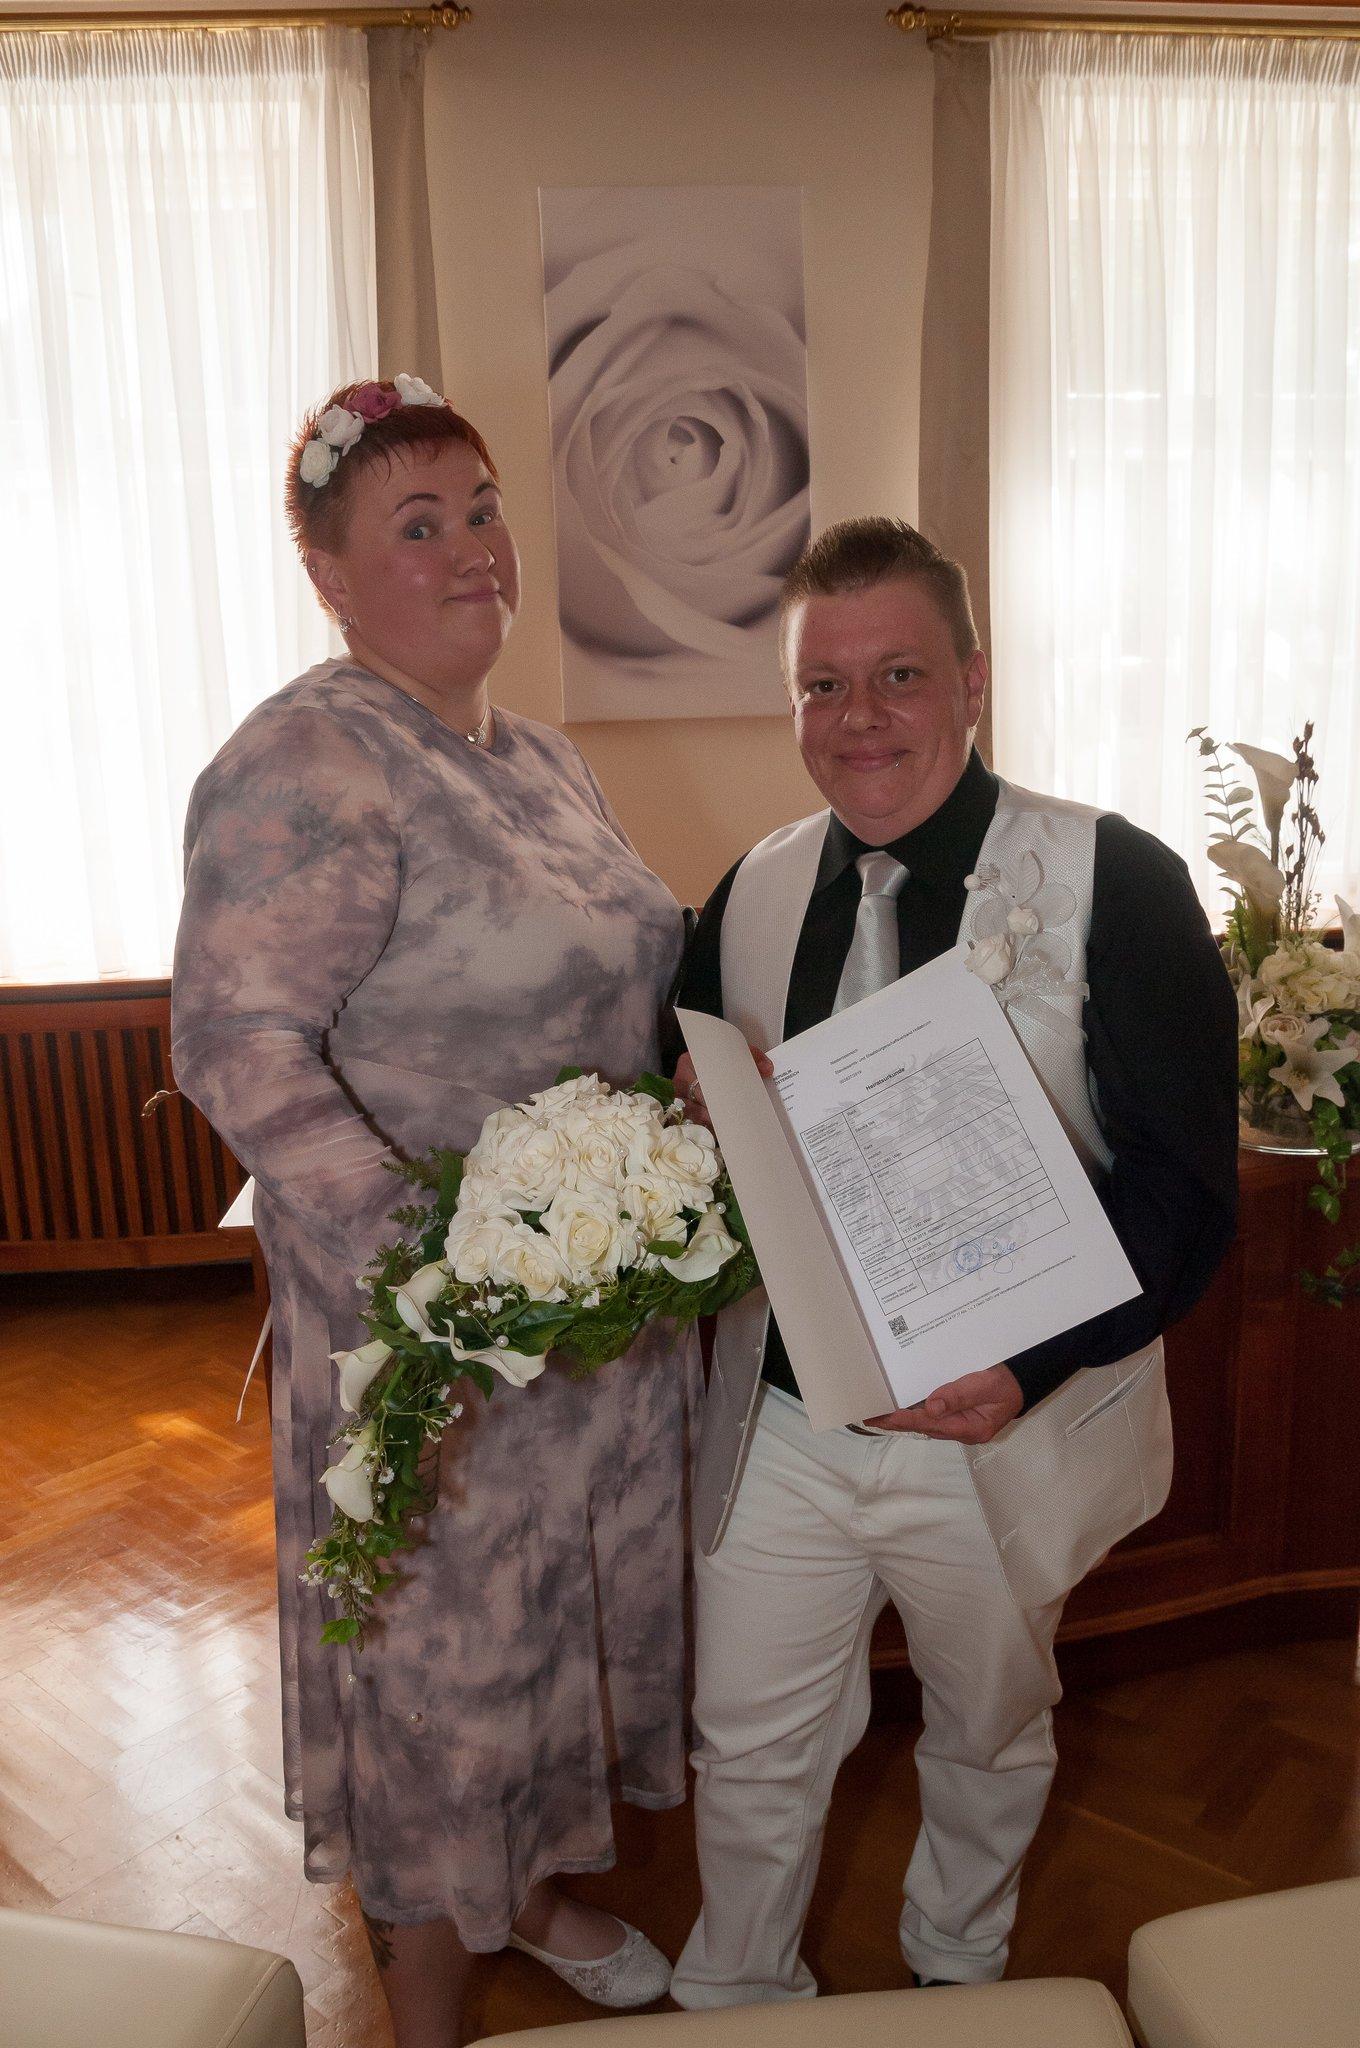 Hallo, bin 33 Jahre alt und suche Liebe in Hollabrunn - Sie